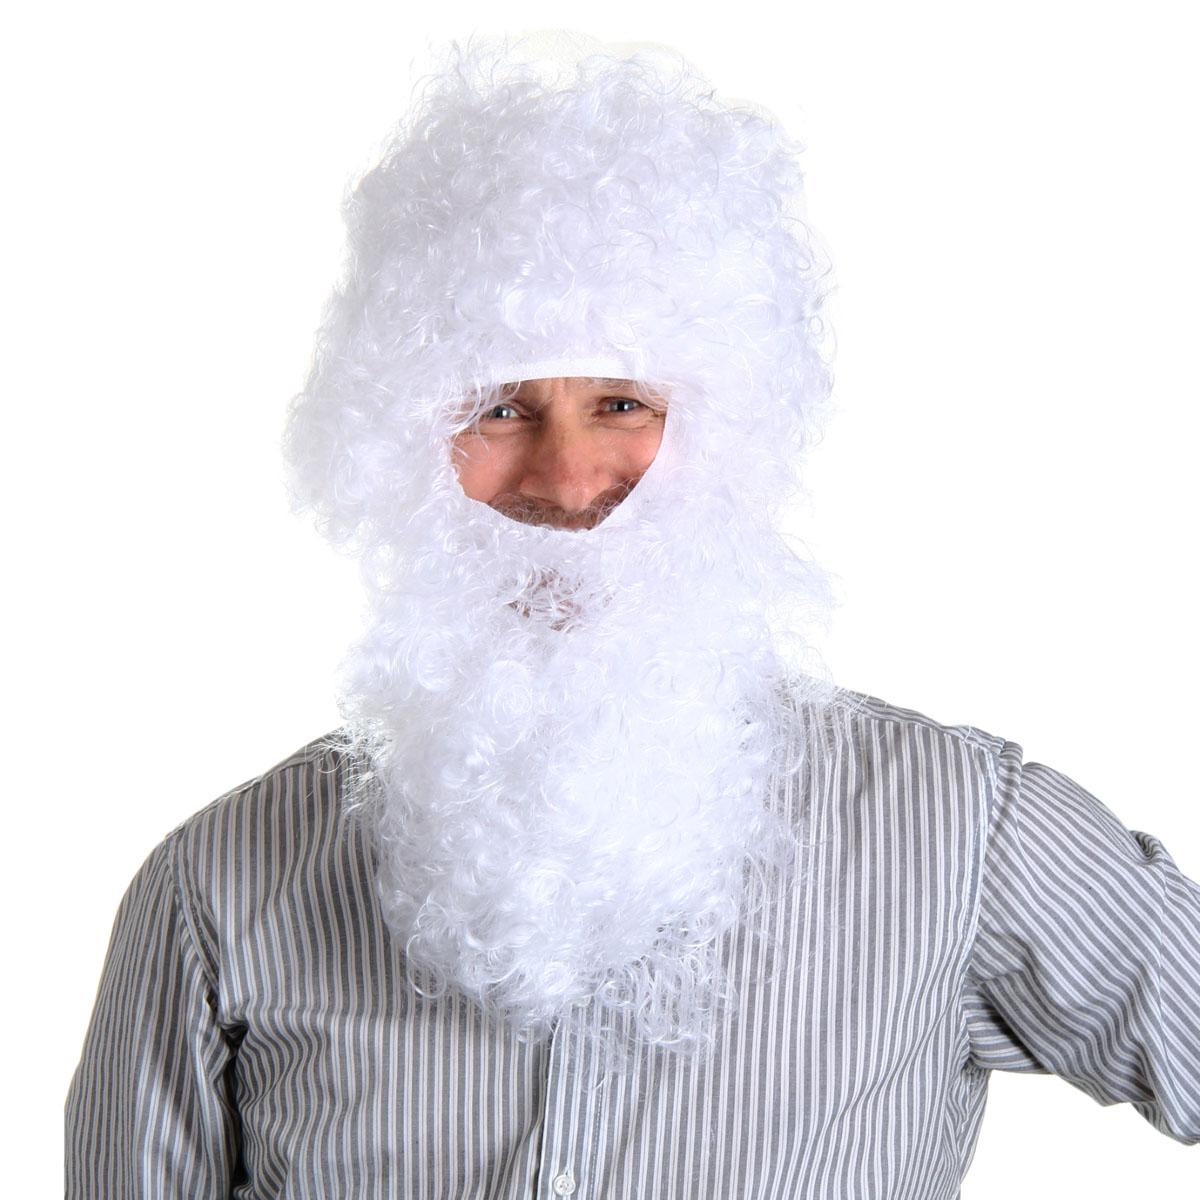 Маскарадная борода и парик Sima-land Дед Мороз. 301722301722Маскарадная борода и парик Sima-land Дед Мороз выполнены из искусственных волос. Надев такую бороду с париком, вы будете выглядеть как настоящий Дед Мороз. Борода имеет прорезь для рта. Если у вас намечается веселая вечеринка или маскарад, то такие аксессуары легко помогут создать праздничный образ. Внесите нотку задора и веселья в ваш праздник. Веселое настроение и масса положительных эмоций вам будут обеспечены!